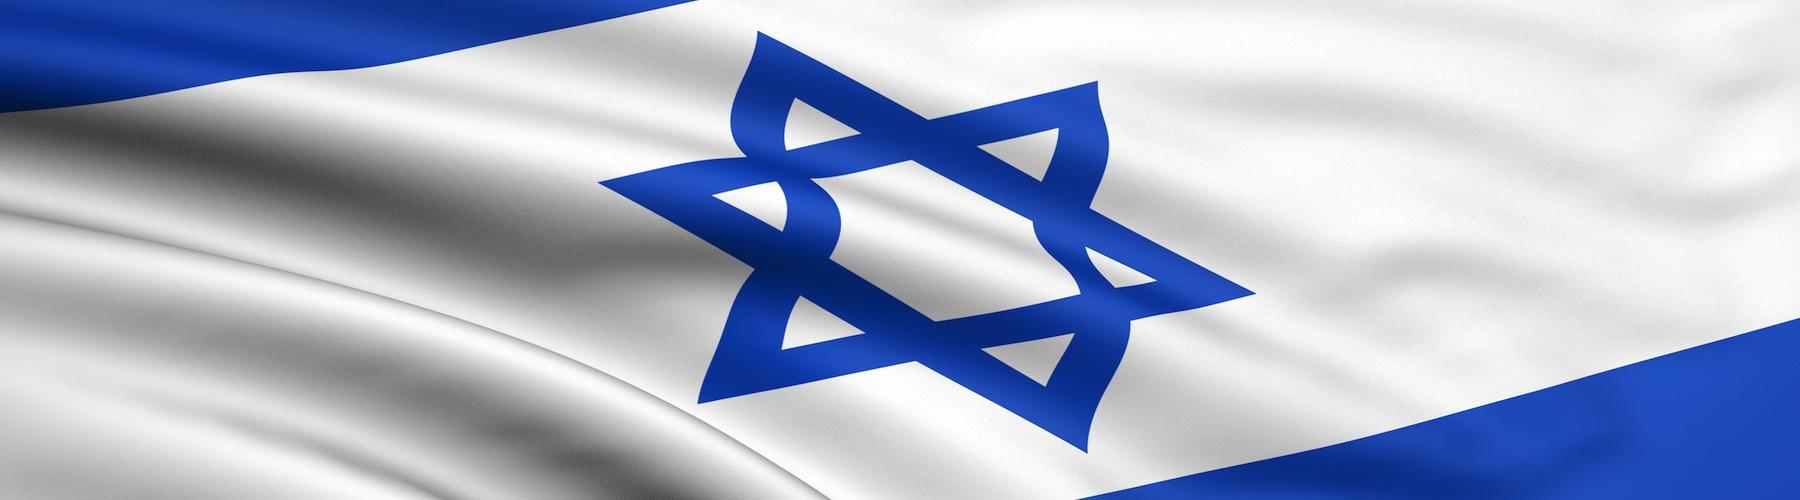 israeli-flag-3